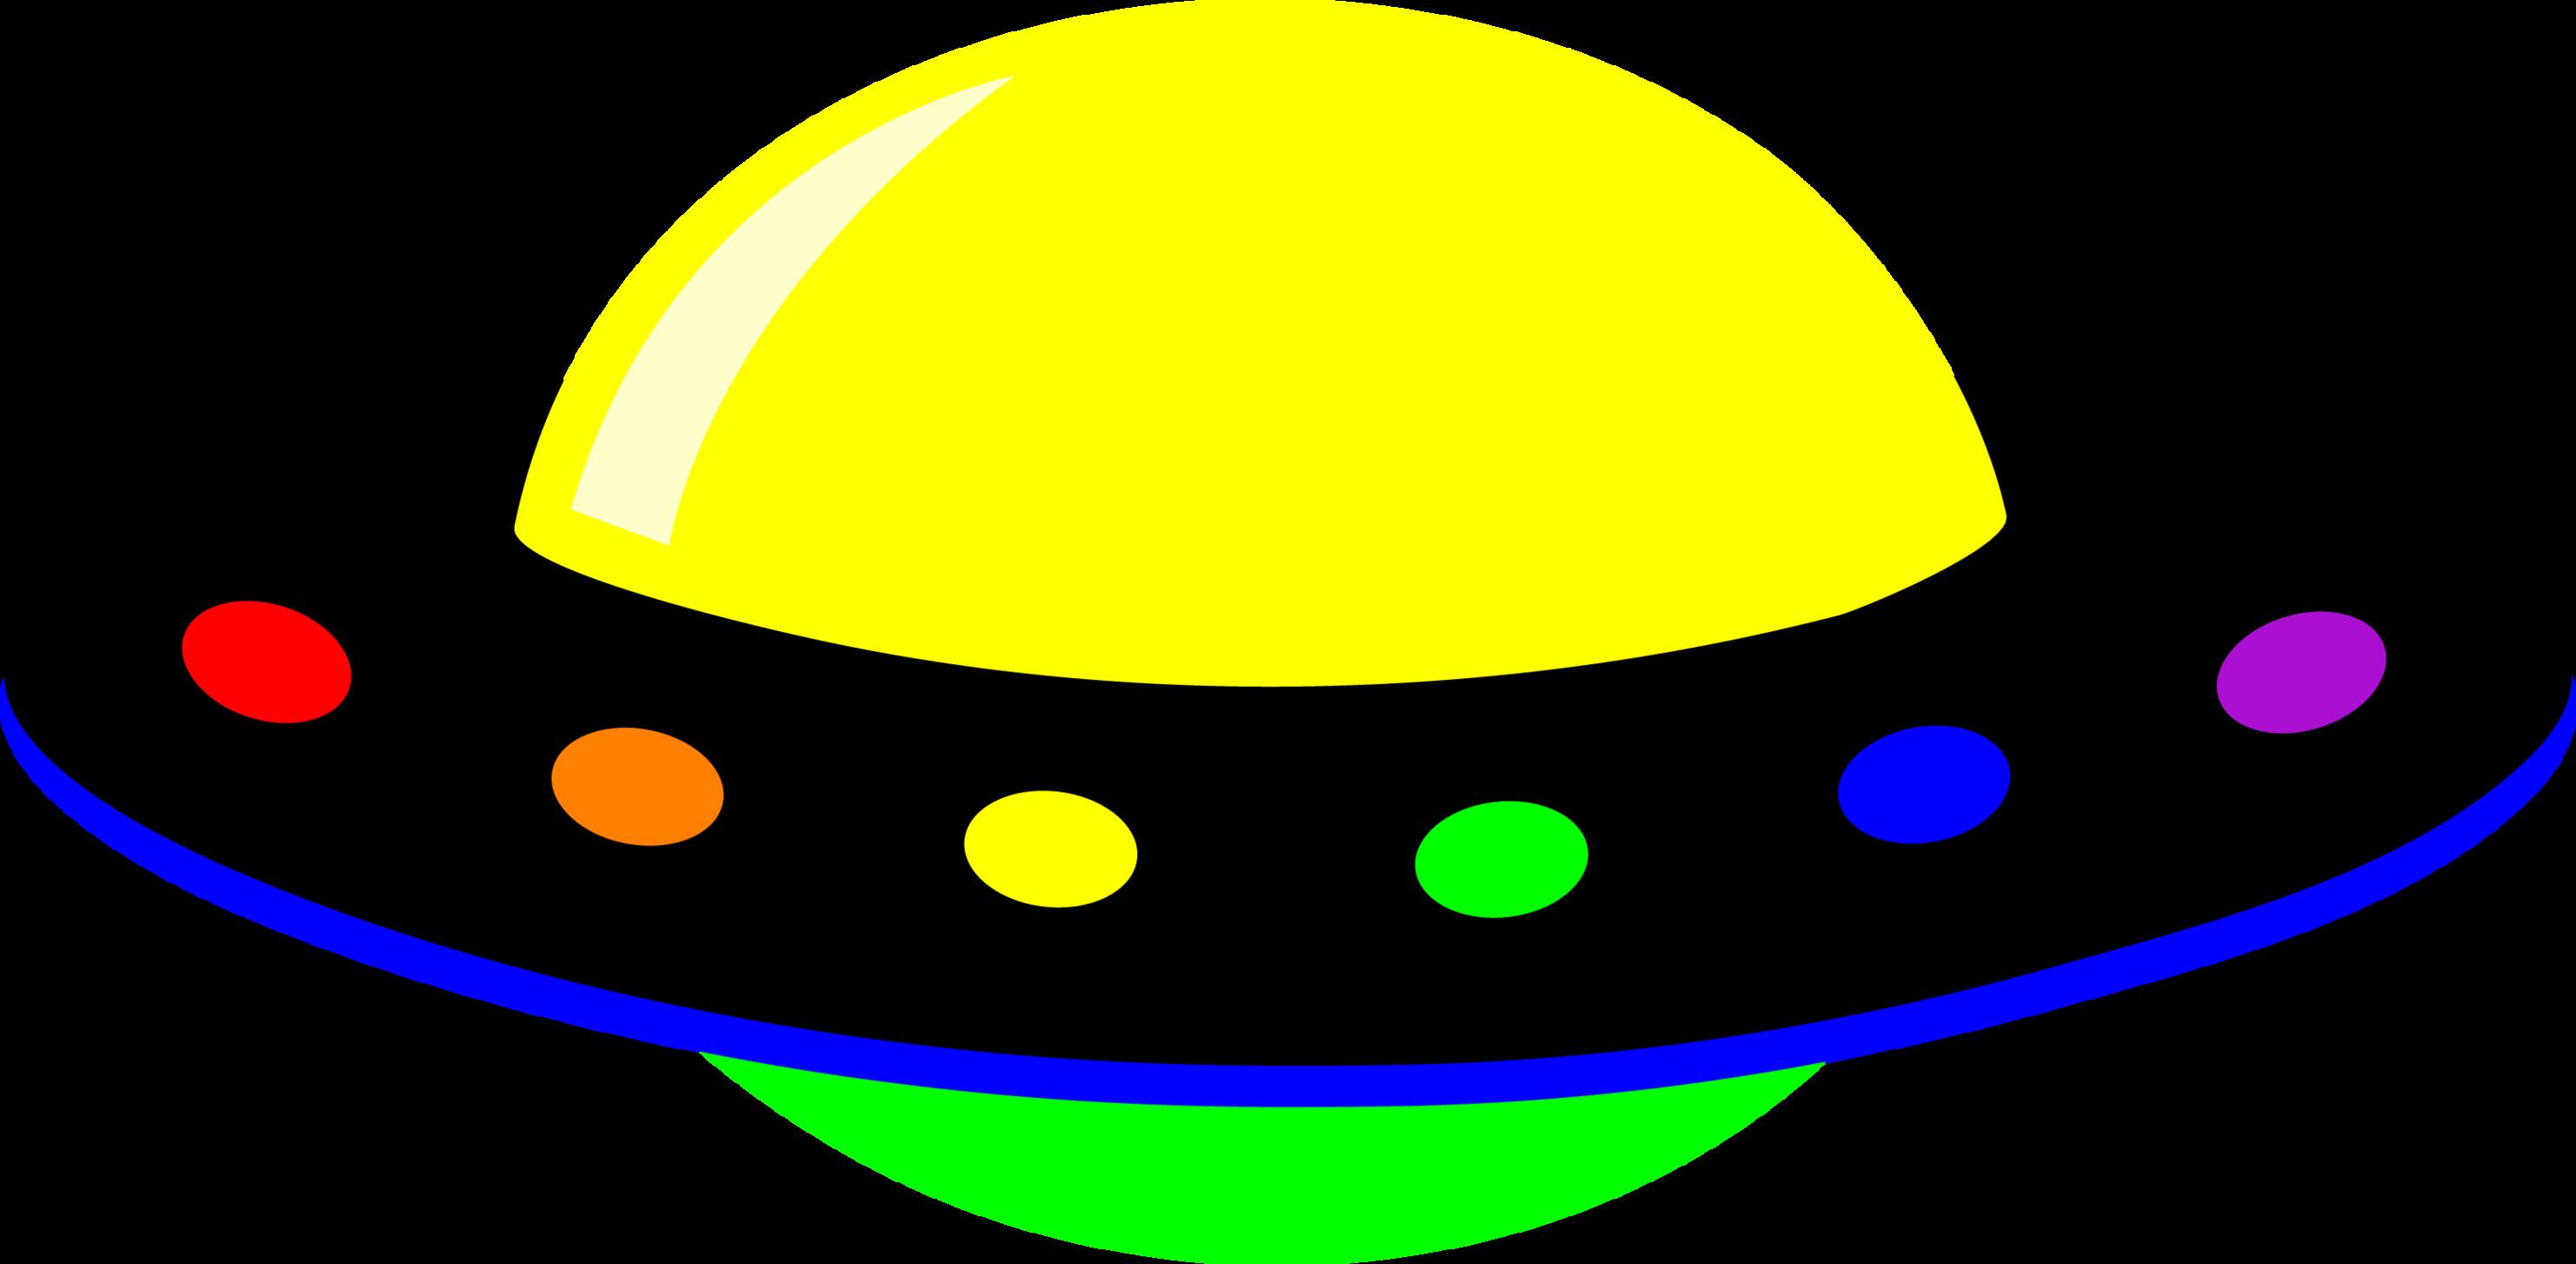 2963x1454 Spaceship Clip Art Pictures